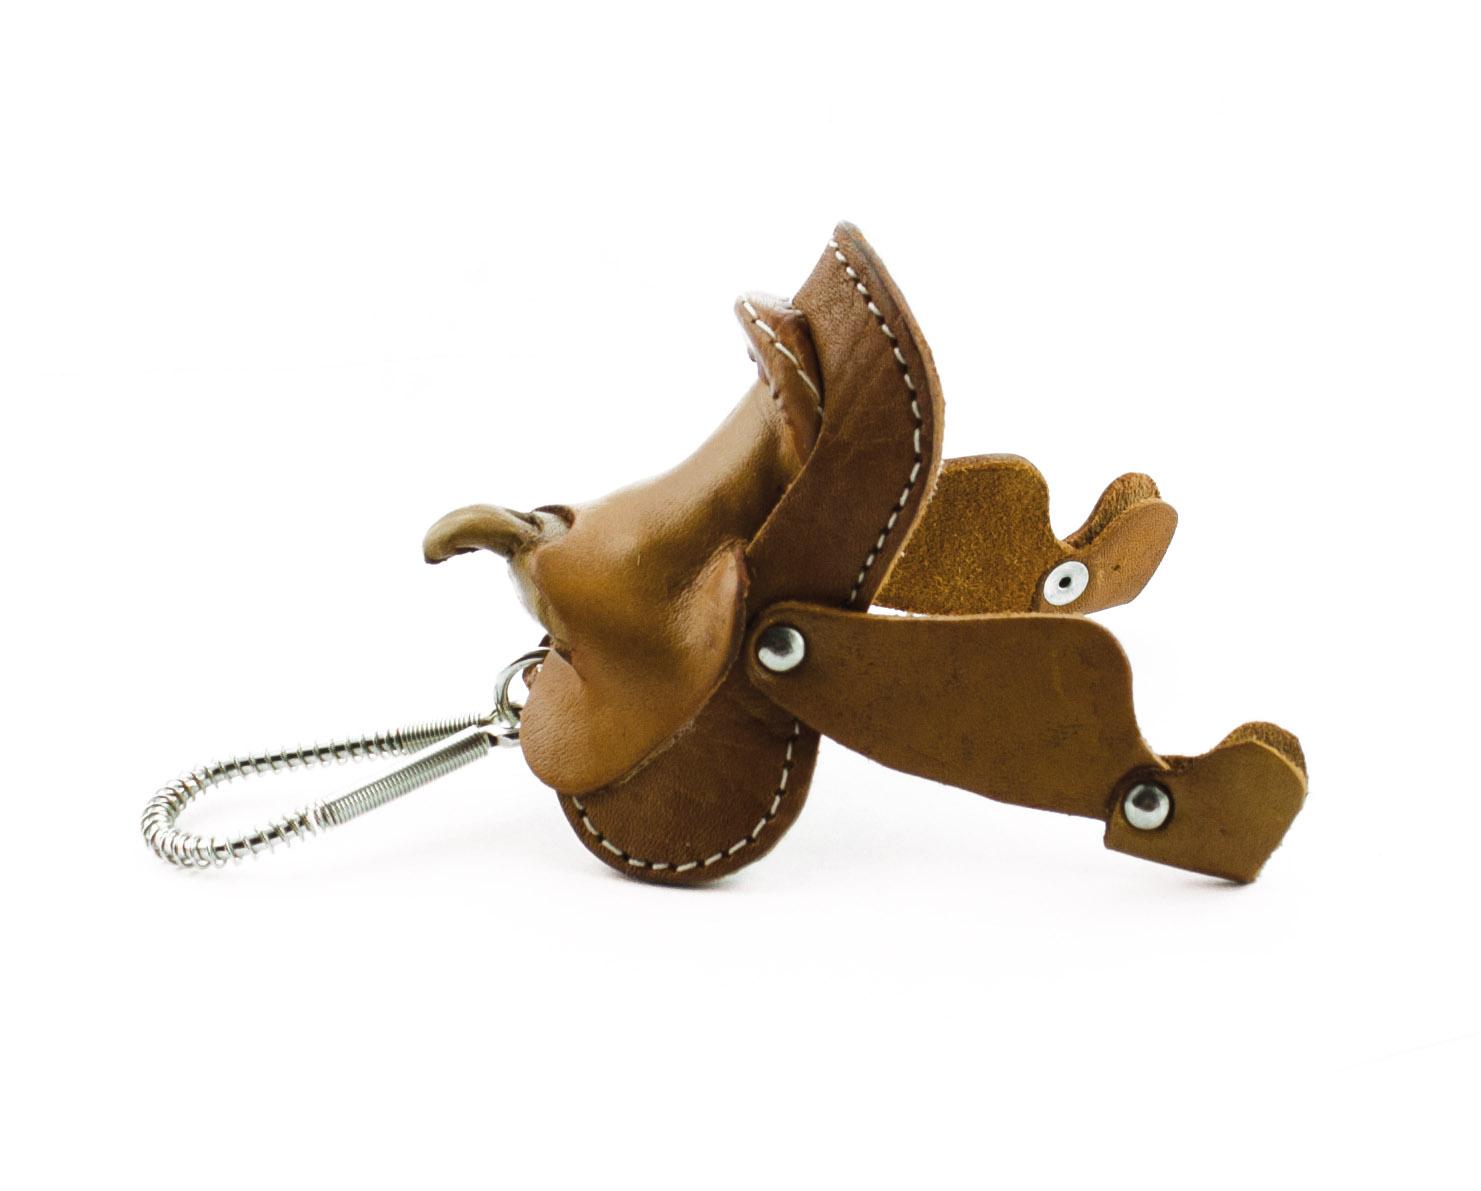 Nyckelring Westernsadel